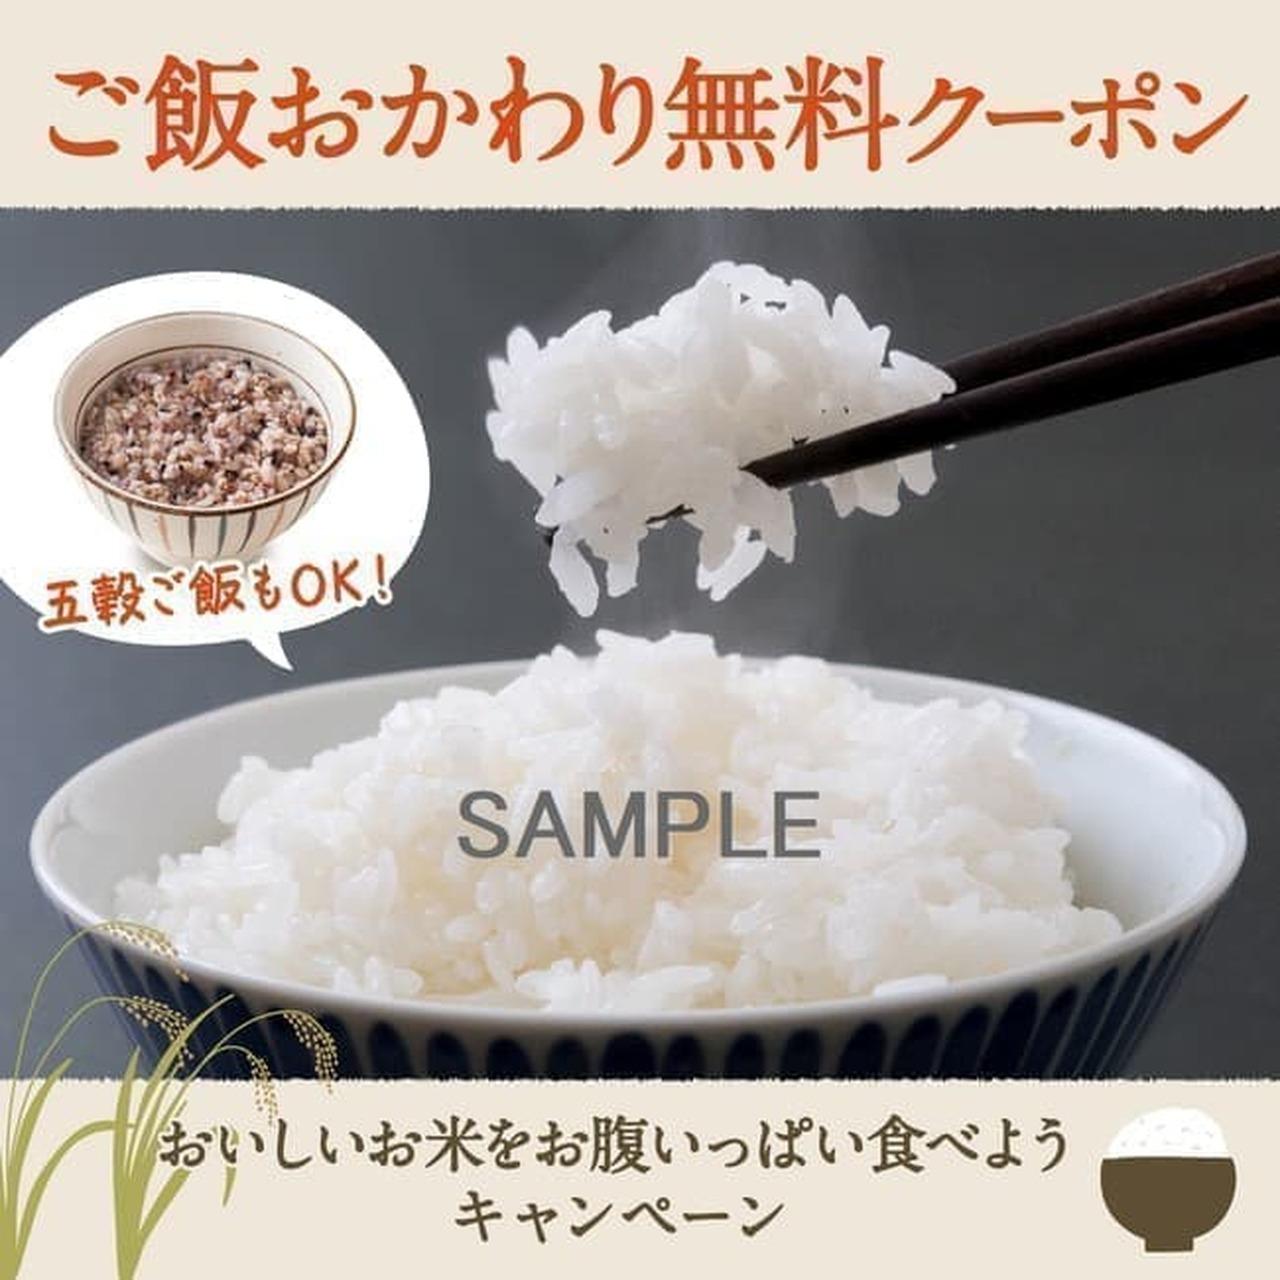 大戸屋「ごはんおかわり無料キャンペーン」期間中は「新潟県産 こしいぶき」にご飯を変更